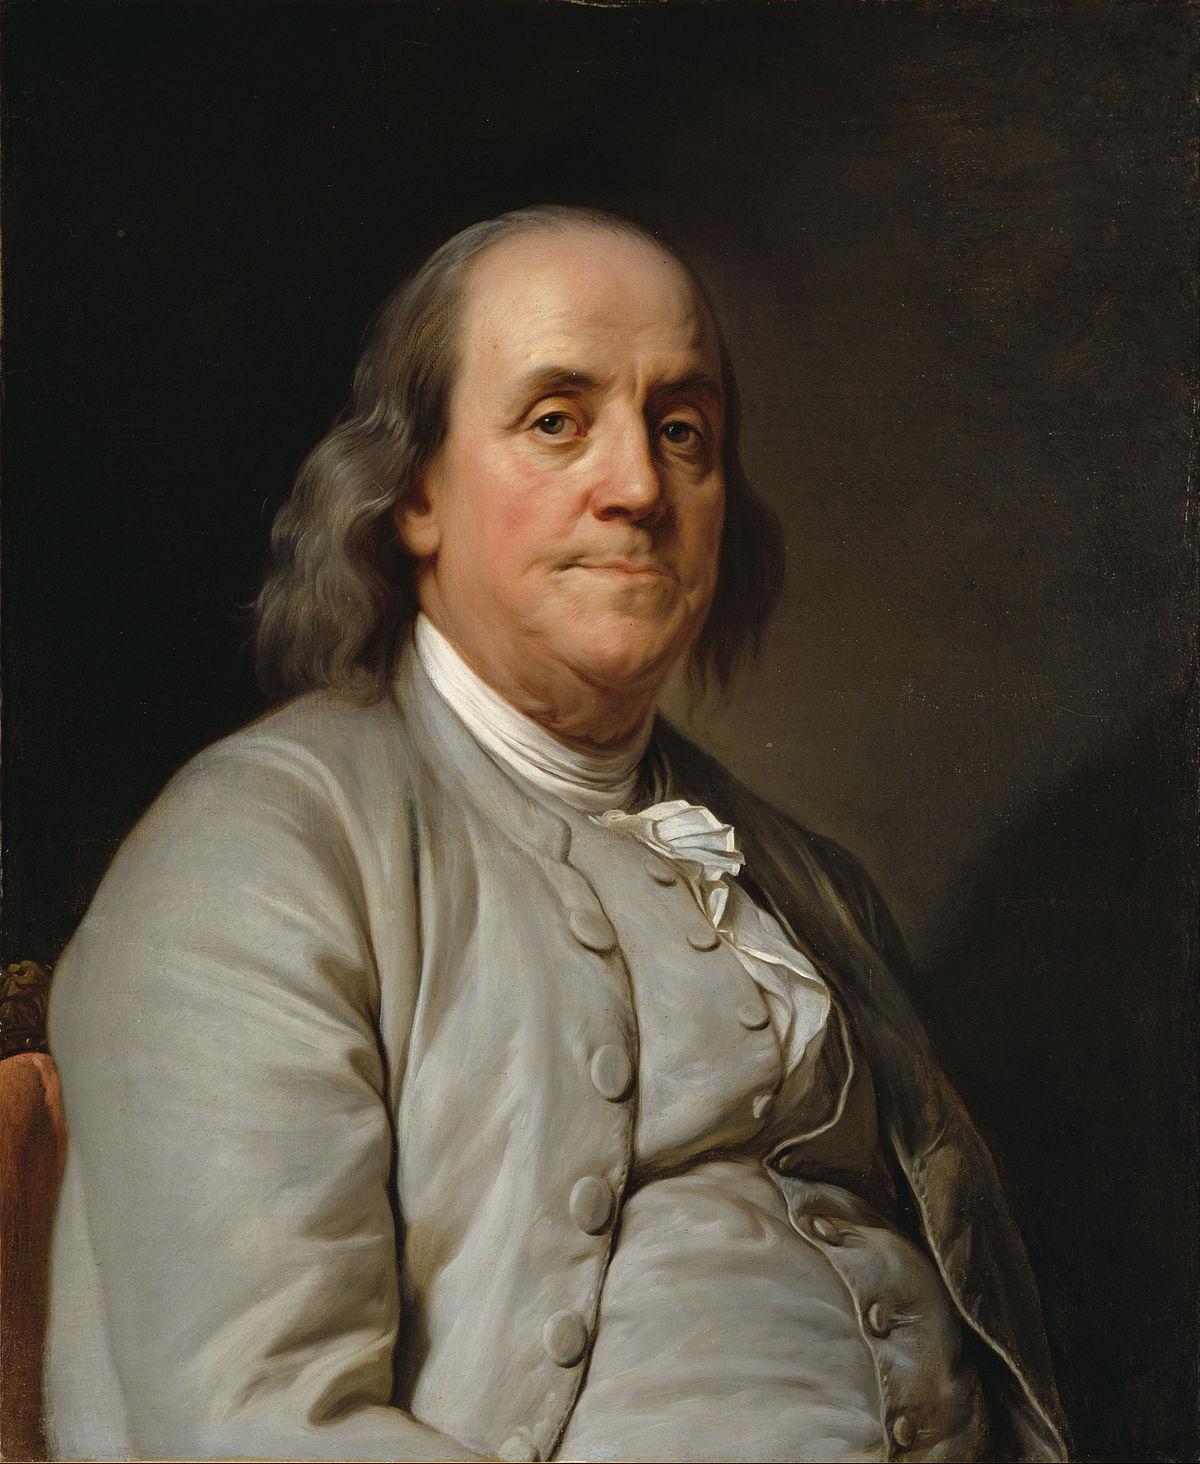 Ben Franklin History Hustle